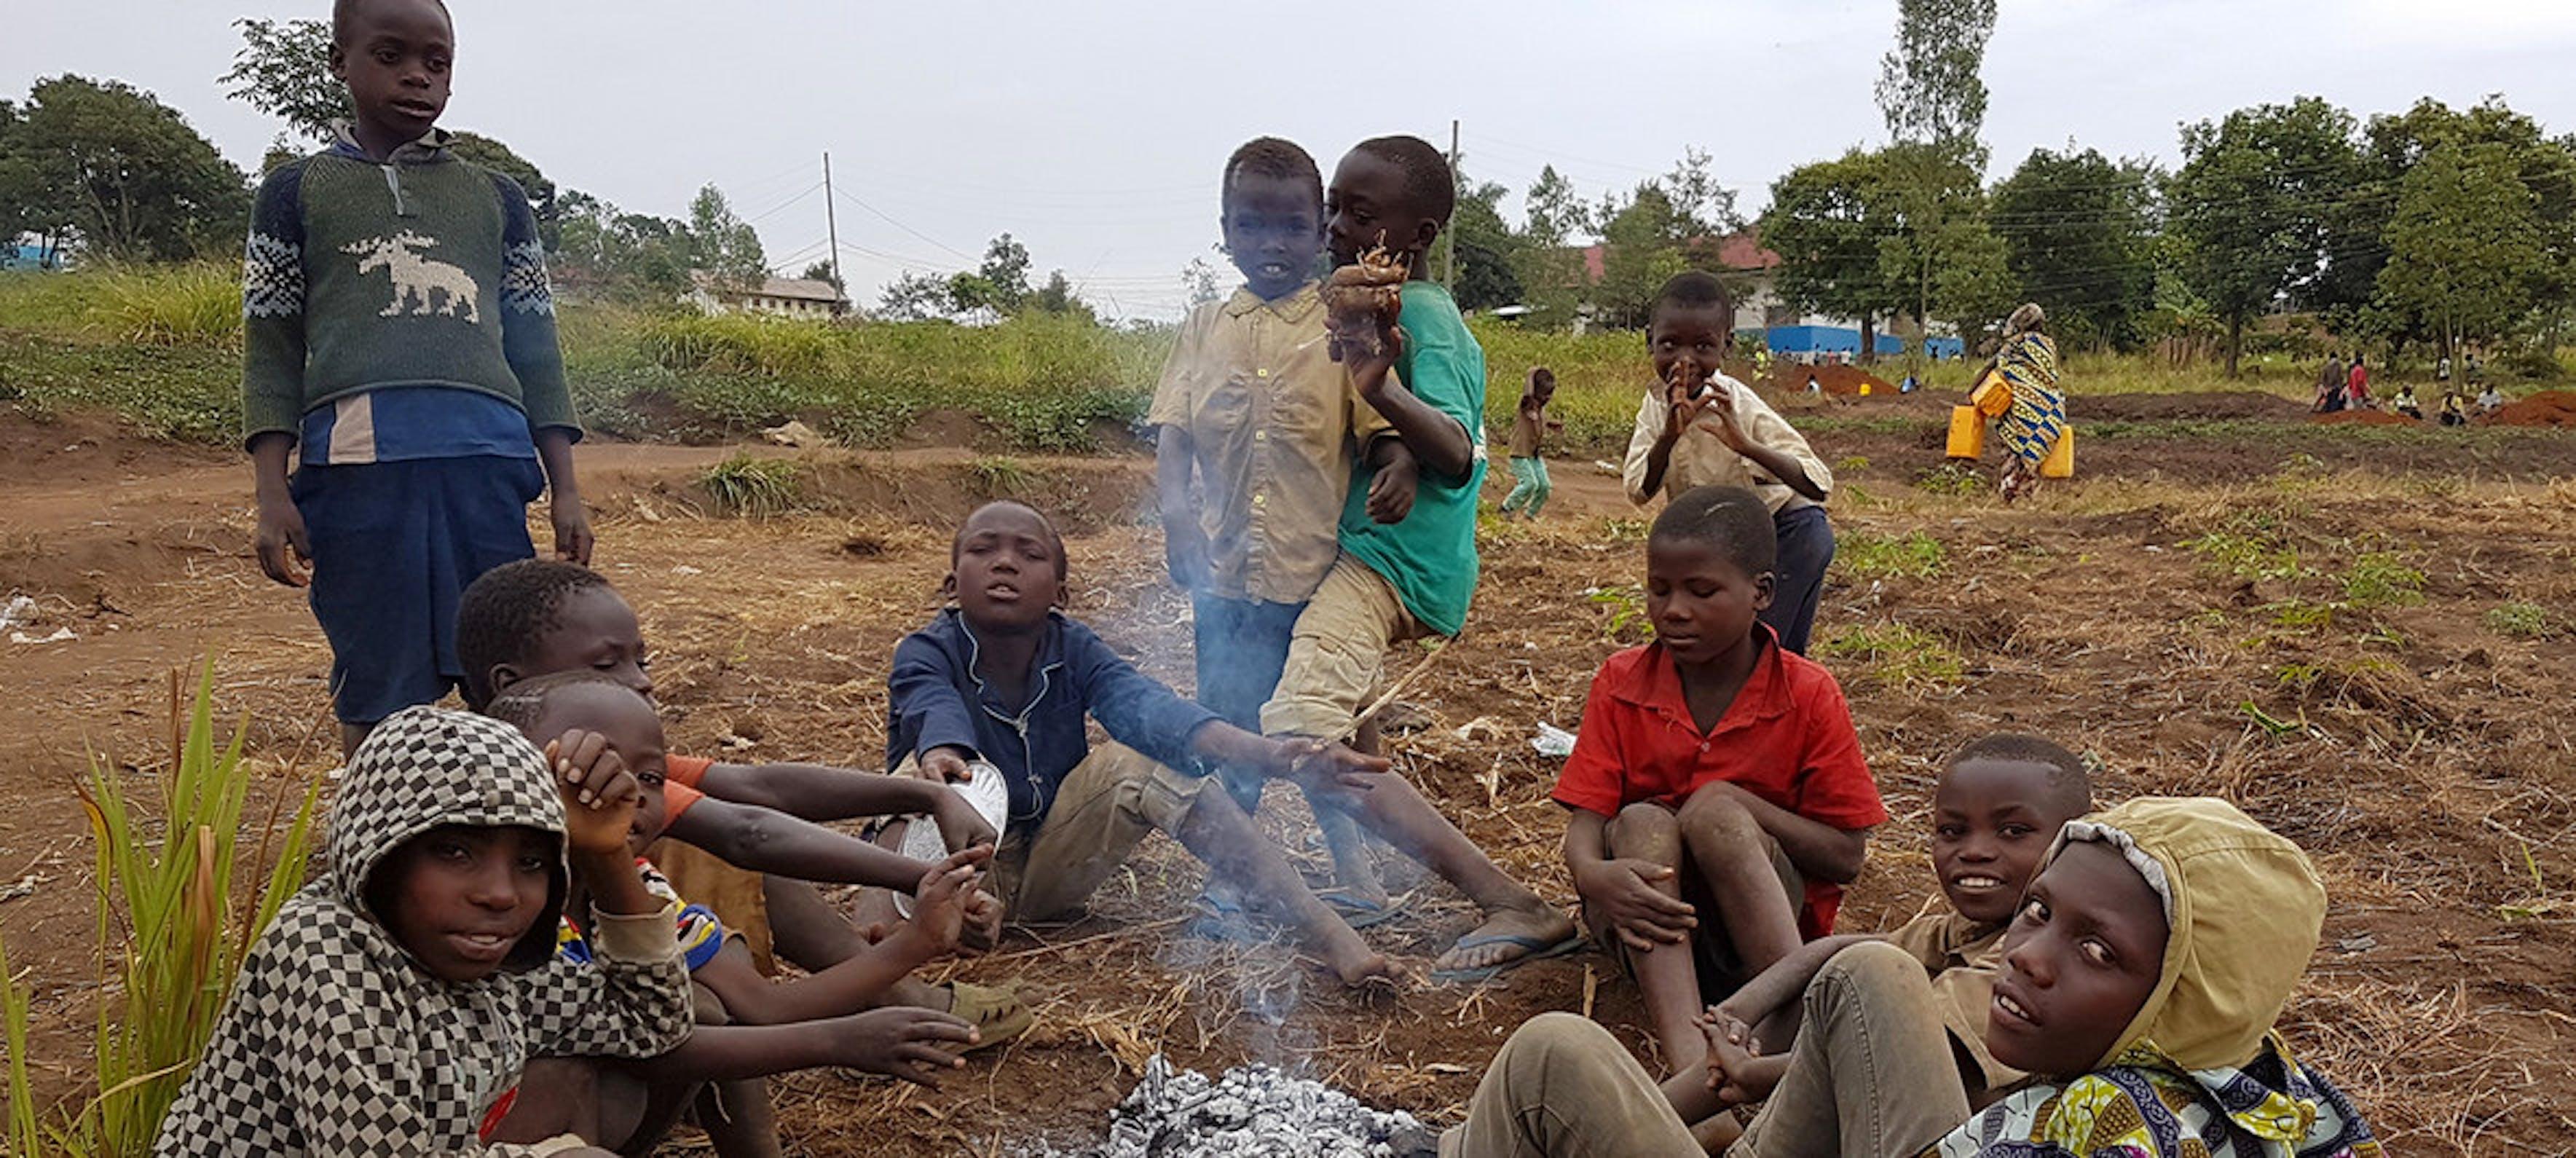 Bambini sfollati dalle violenze in corso nella provincia dell'Ituri, nell'est della Repubblica Democratica del Congo - © UNICEF/Madjiangar